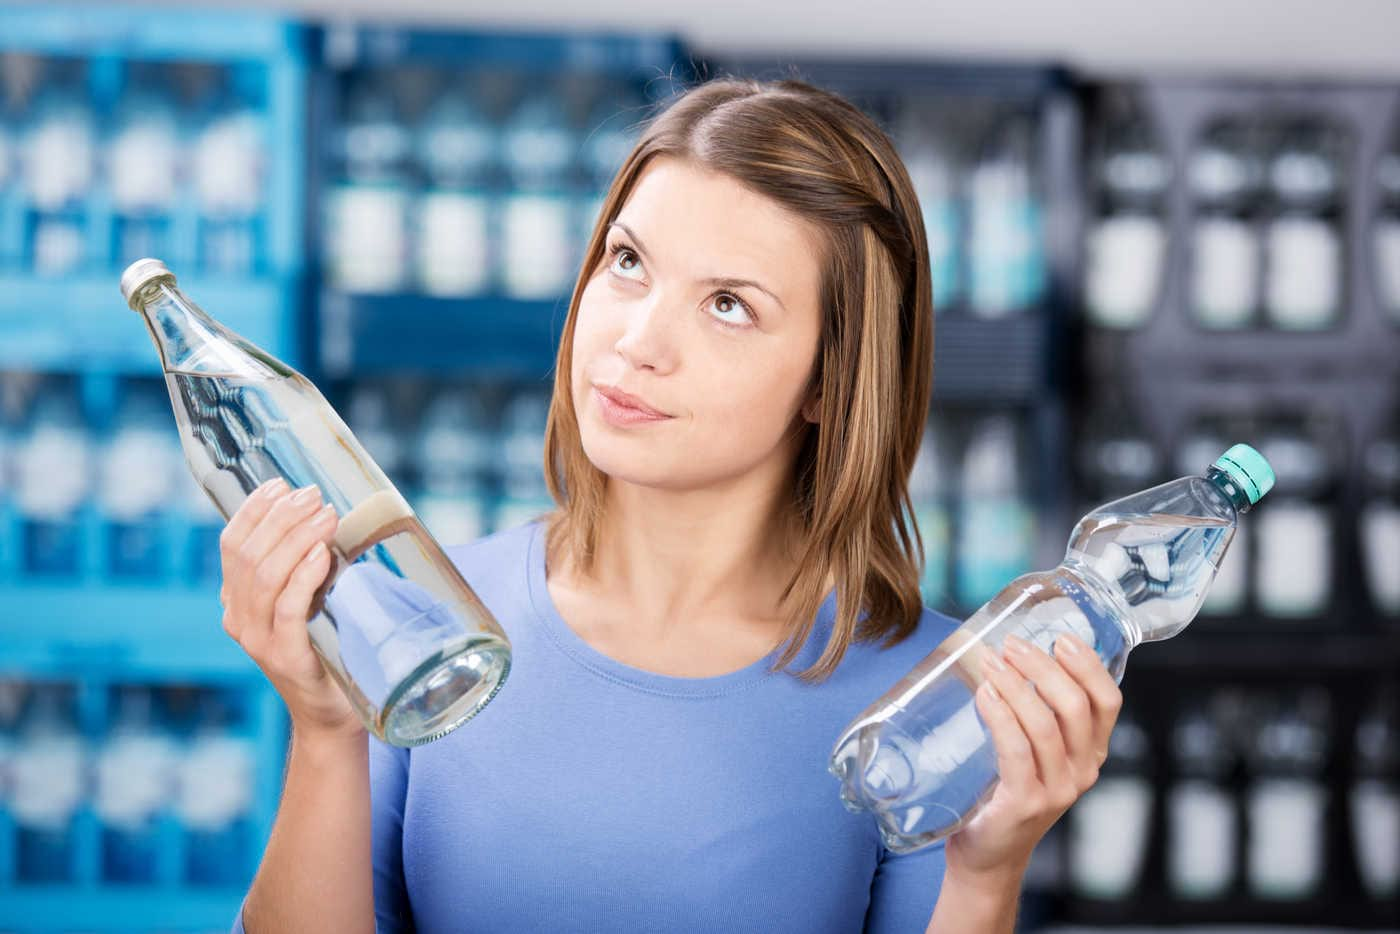 Apa minerală carbogazoasă: când trebuie evitată